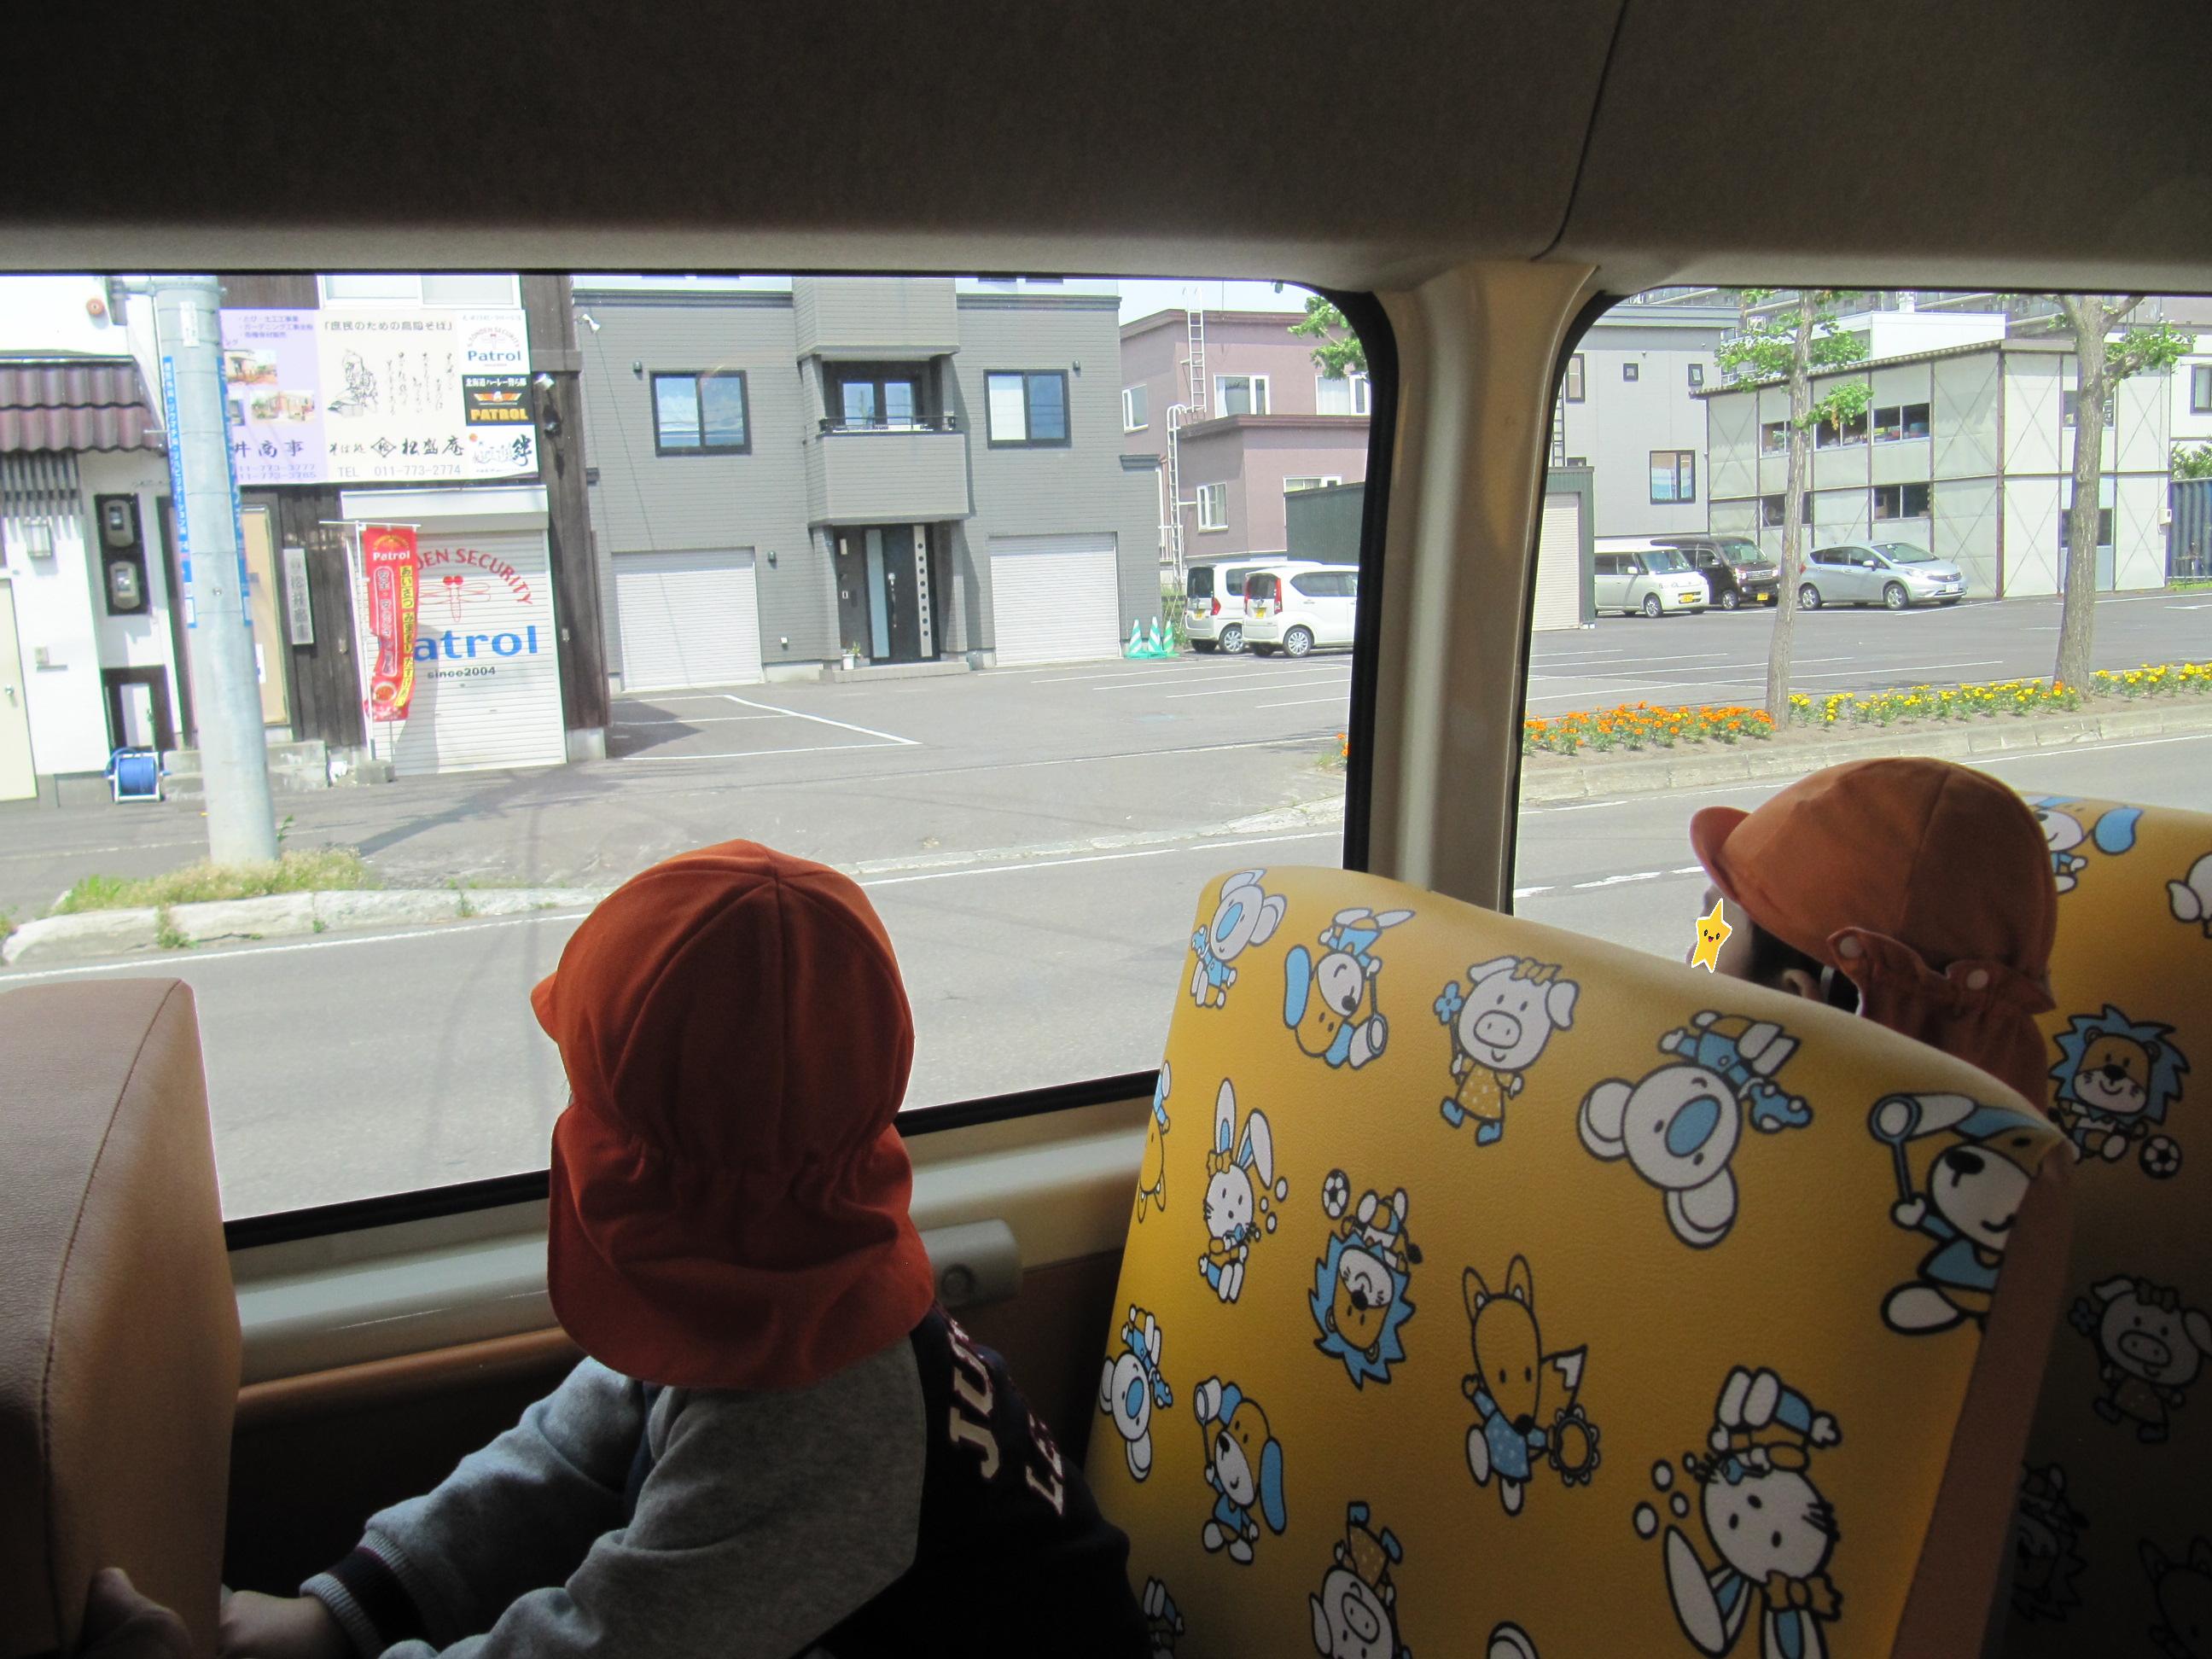 屯田園 園バスに乗って、ちょっと遠い公園まで😊